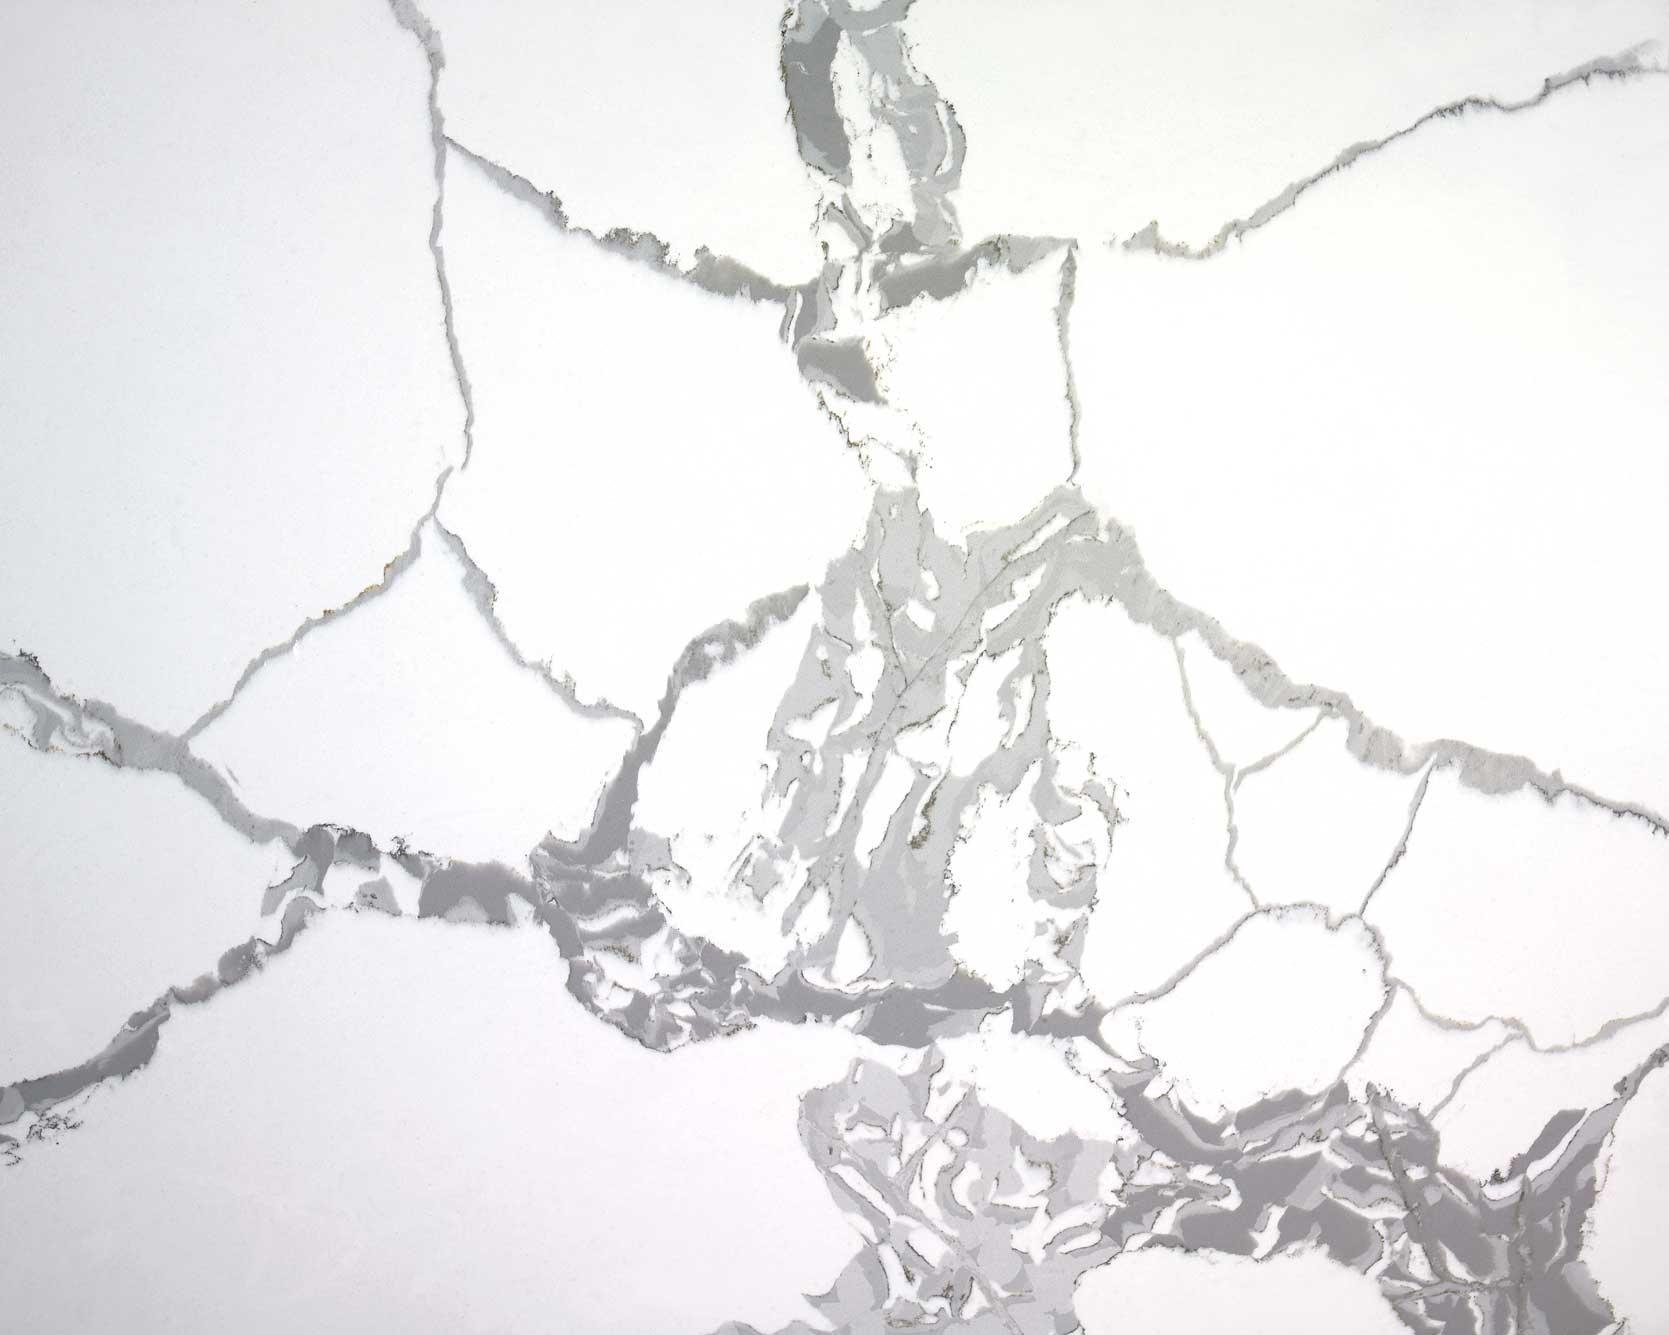 Carrara white artificial quartz